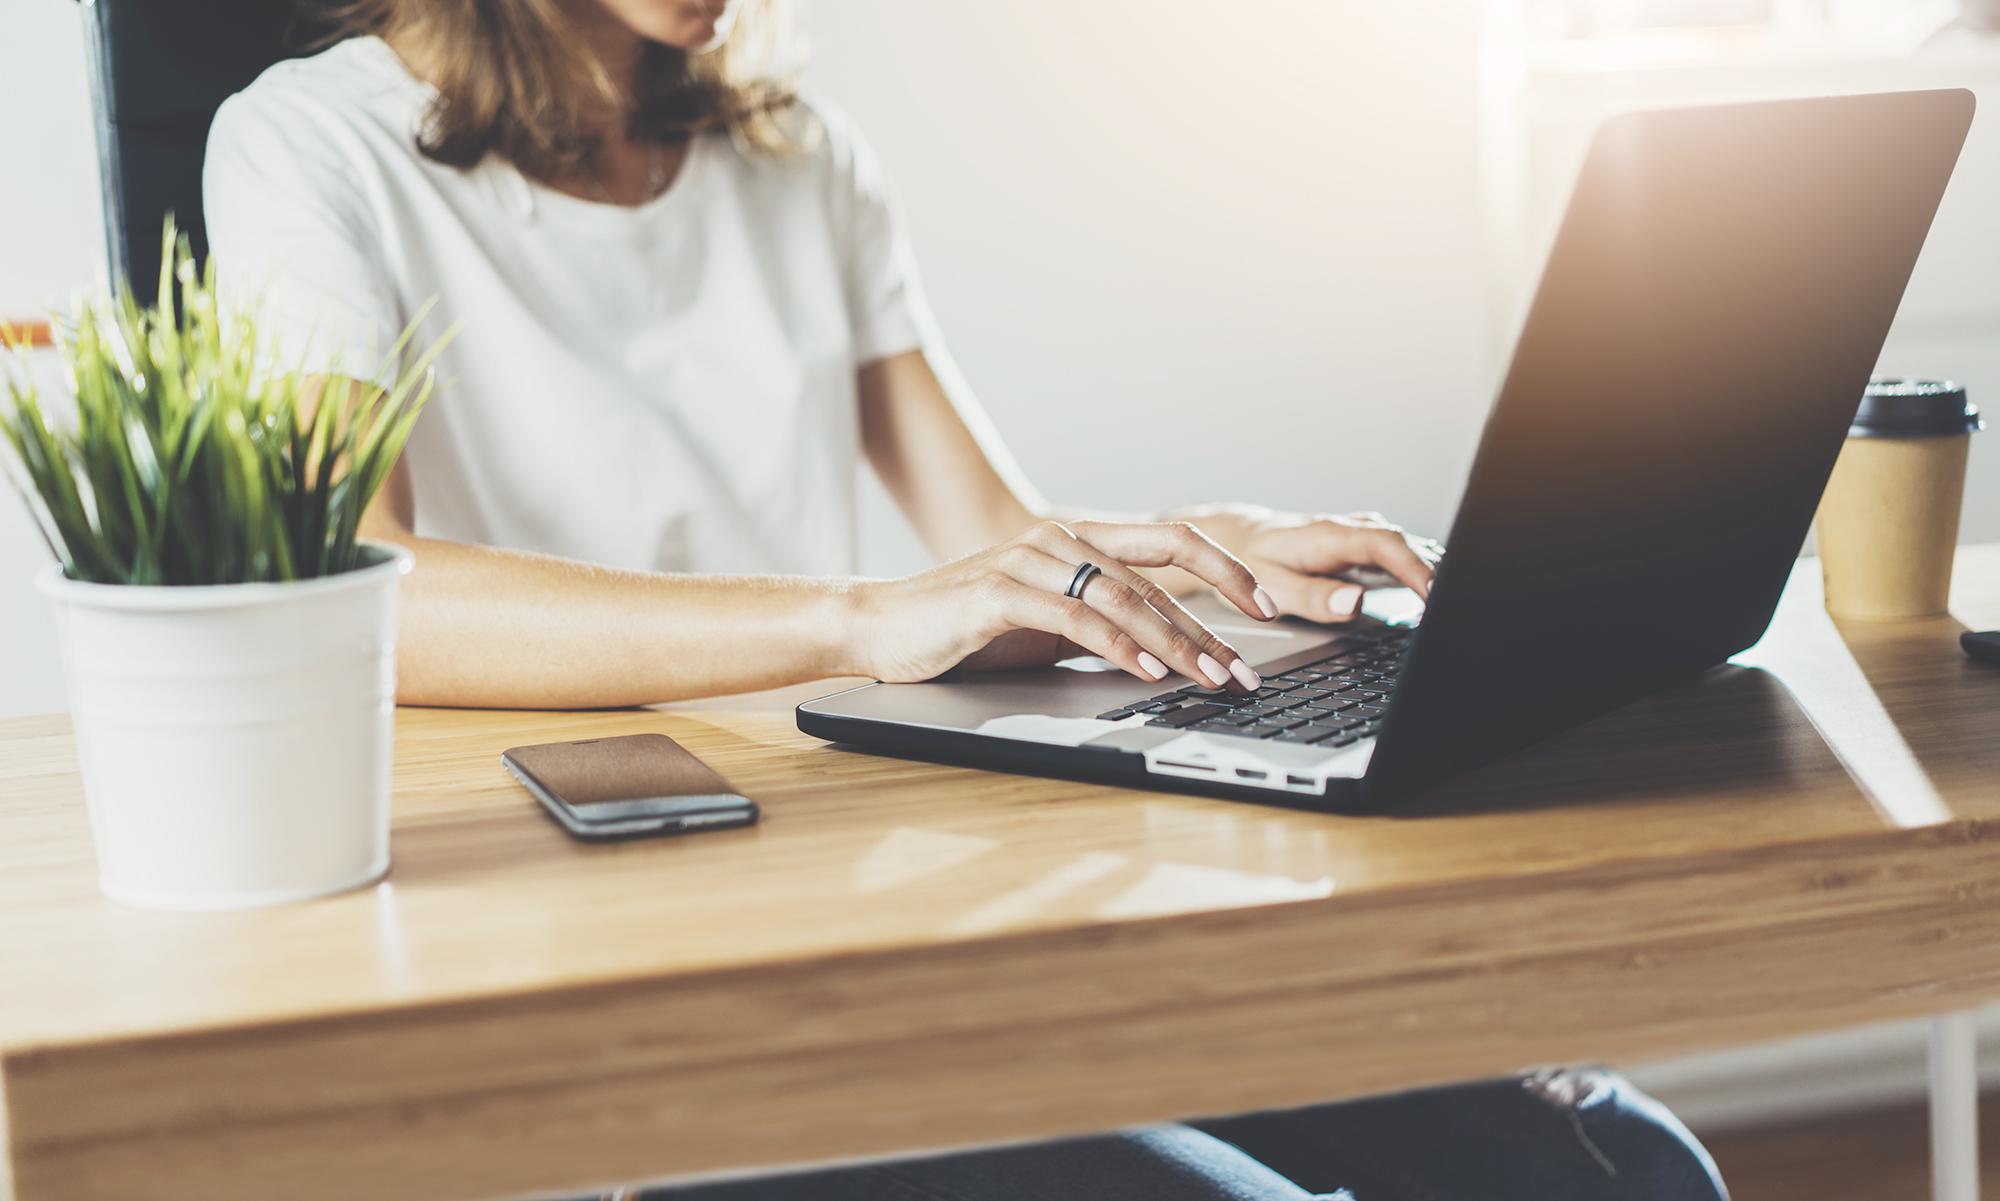 気持ちよく働くための5つの在宅勤務テクニック